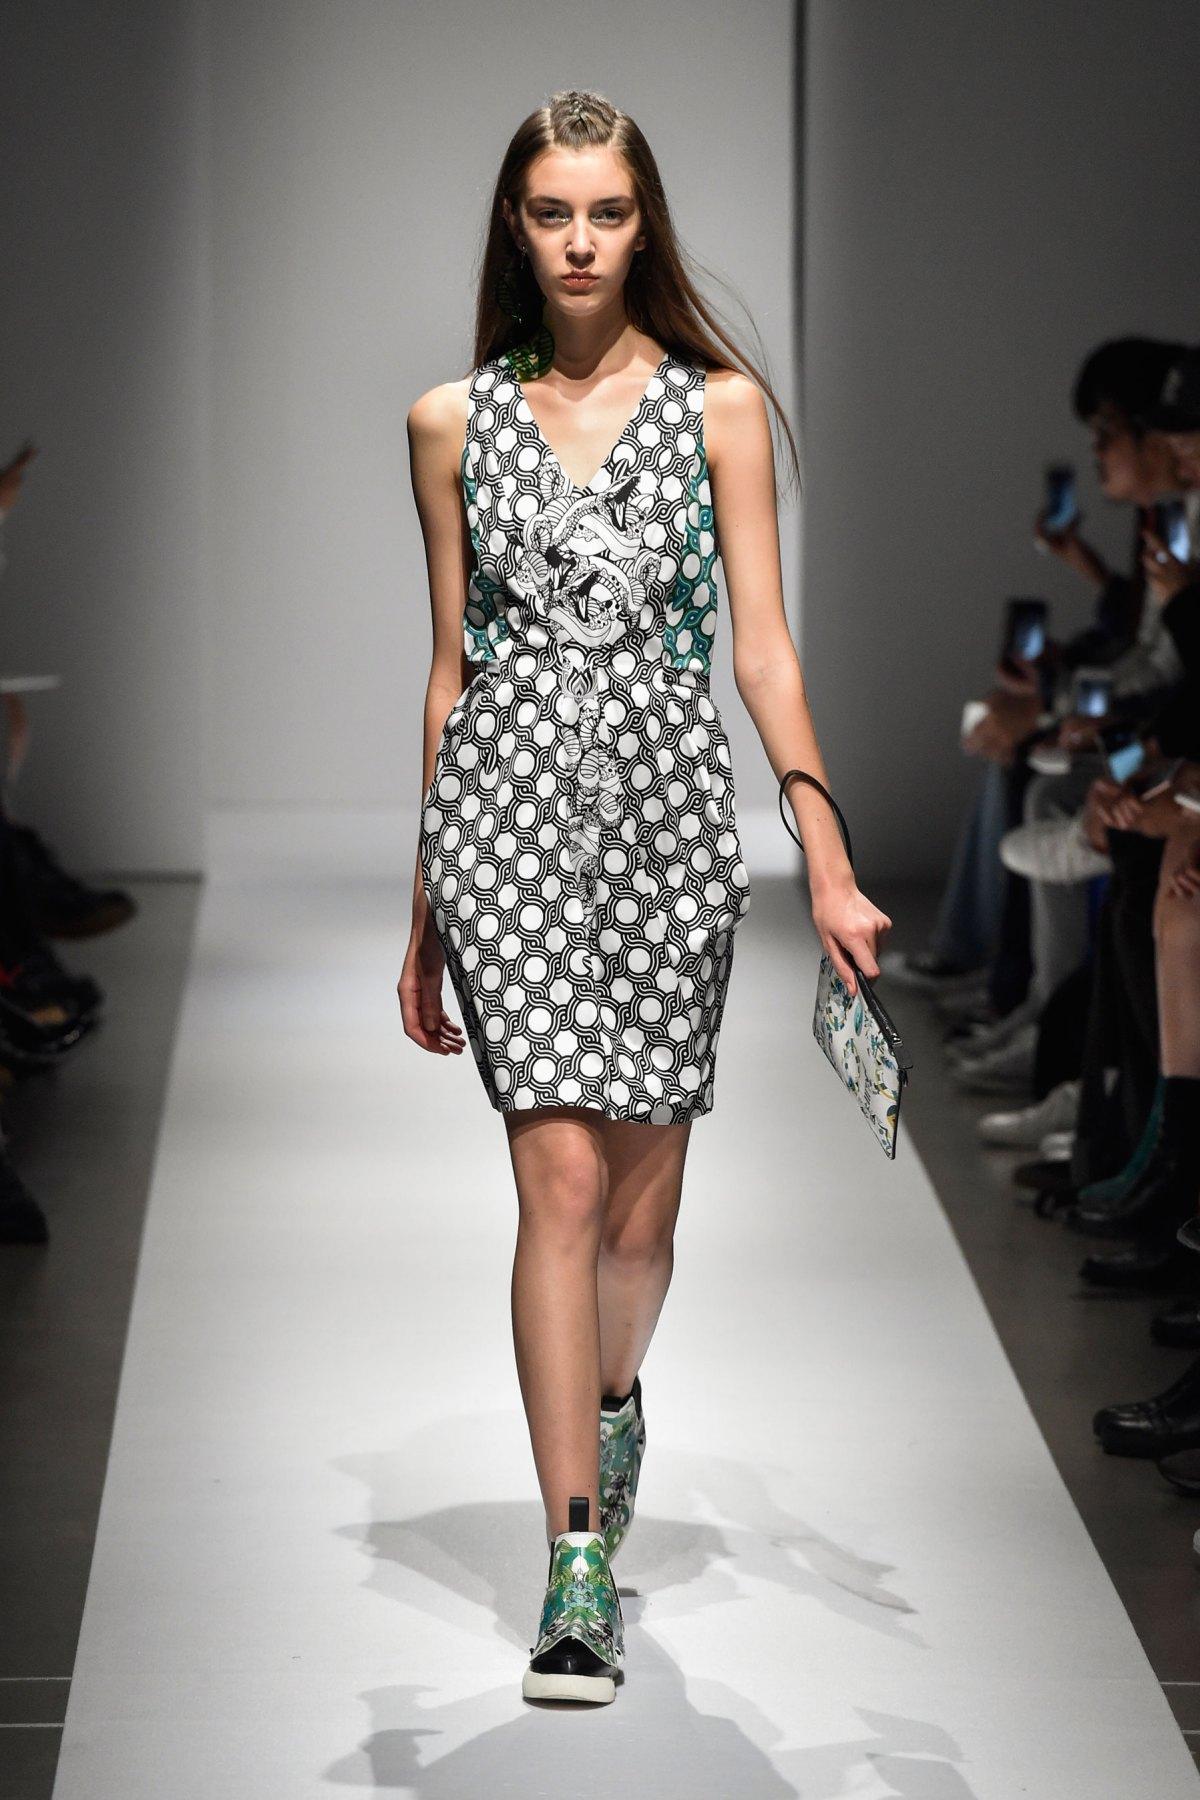 Fashion Hong Kong RS17 0061